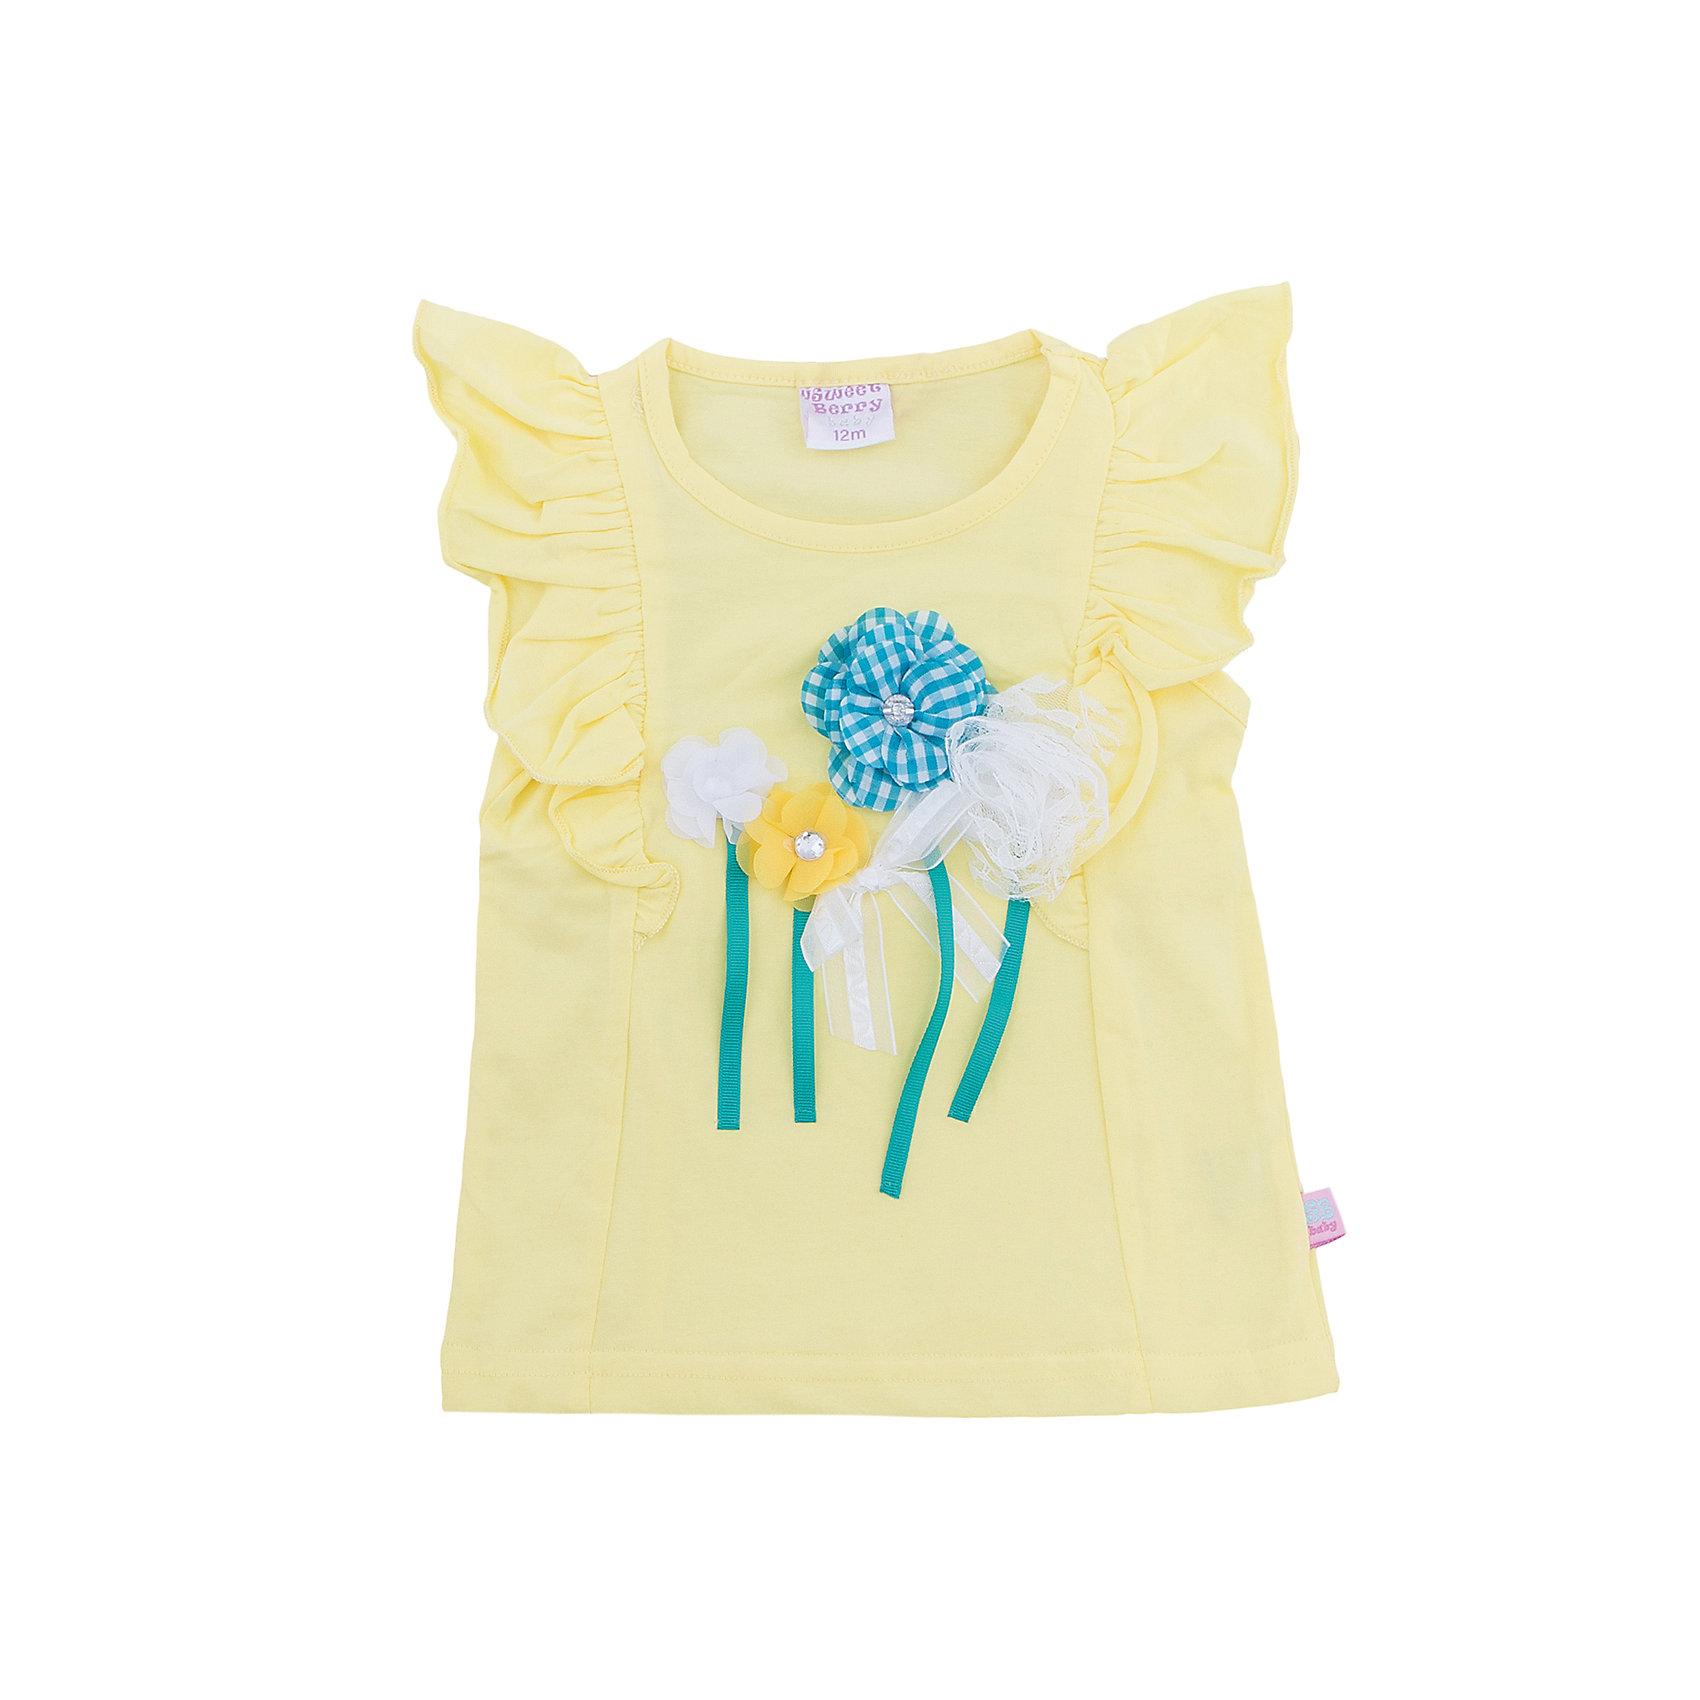 Майка для девочки Sweet BerryФутболки, топы<br>Стильная, желтая футболка из хлопка для девочки. Рукава декорированы воланами. Полочка украшена цветочной аппликацией. Приталенный крой.<br>Состав:<br>95%хлопок 5%эластан<br><br>Ширина мм: 199<br>Глубина мм: 10<br>Высота мм: 161<br>Вес г: 151<br>Цвет: желтый<br>Возраст от месяцев: 12<br>Возраст до месяцев: 18<br>Пол: Женский<br>Возраст: Детский<br>Размер: 86,92,98,80<br>SKU: 5411252